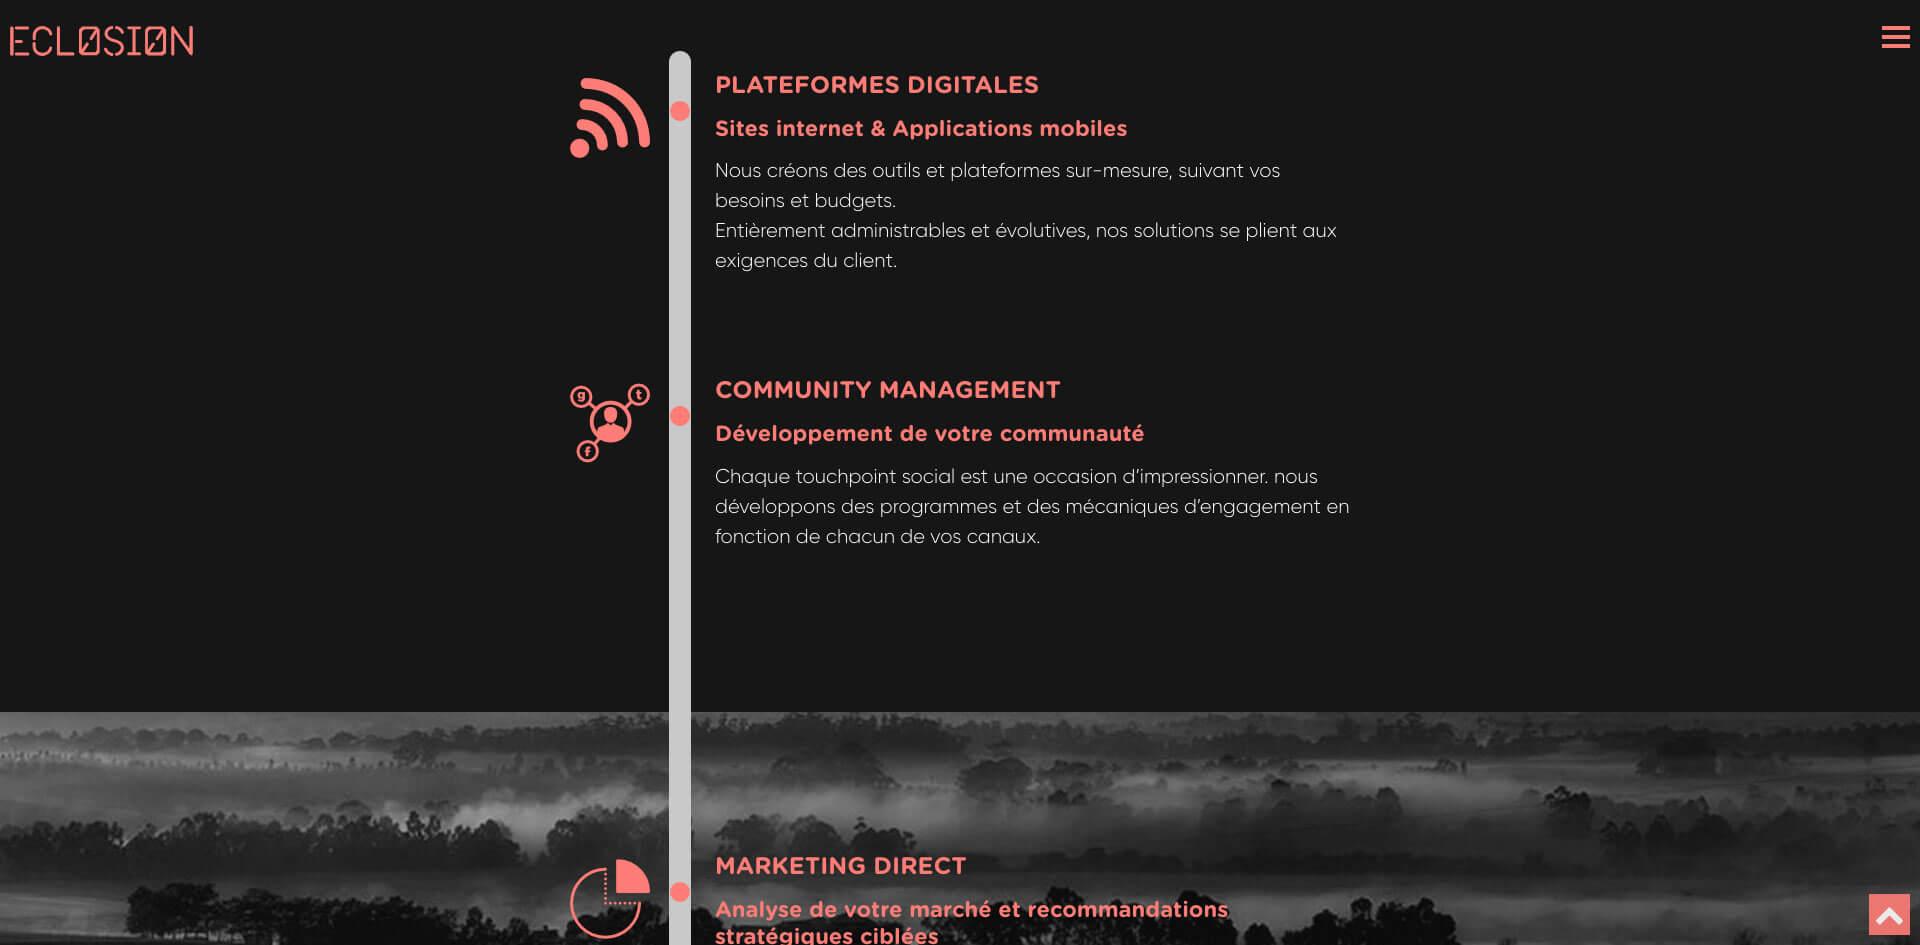 Site web de l'agence éclosion - Page Expertise